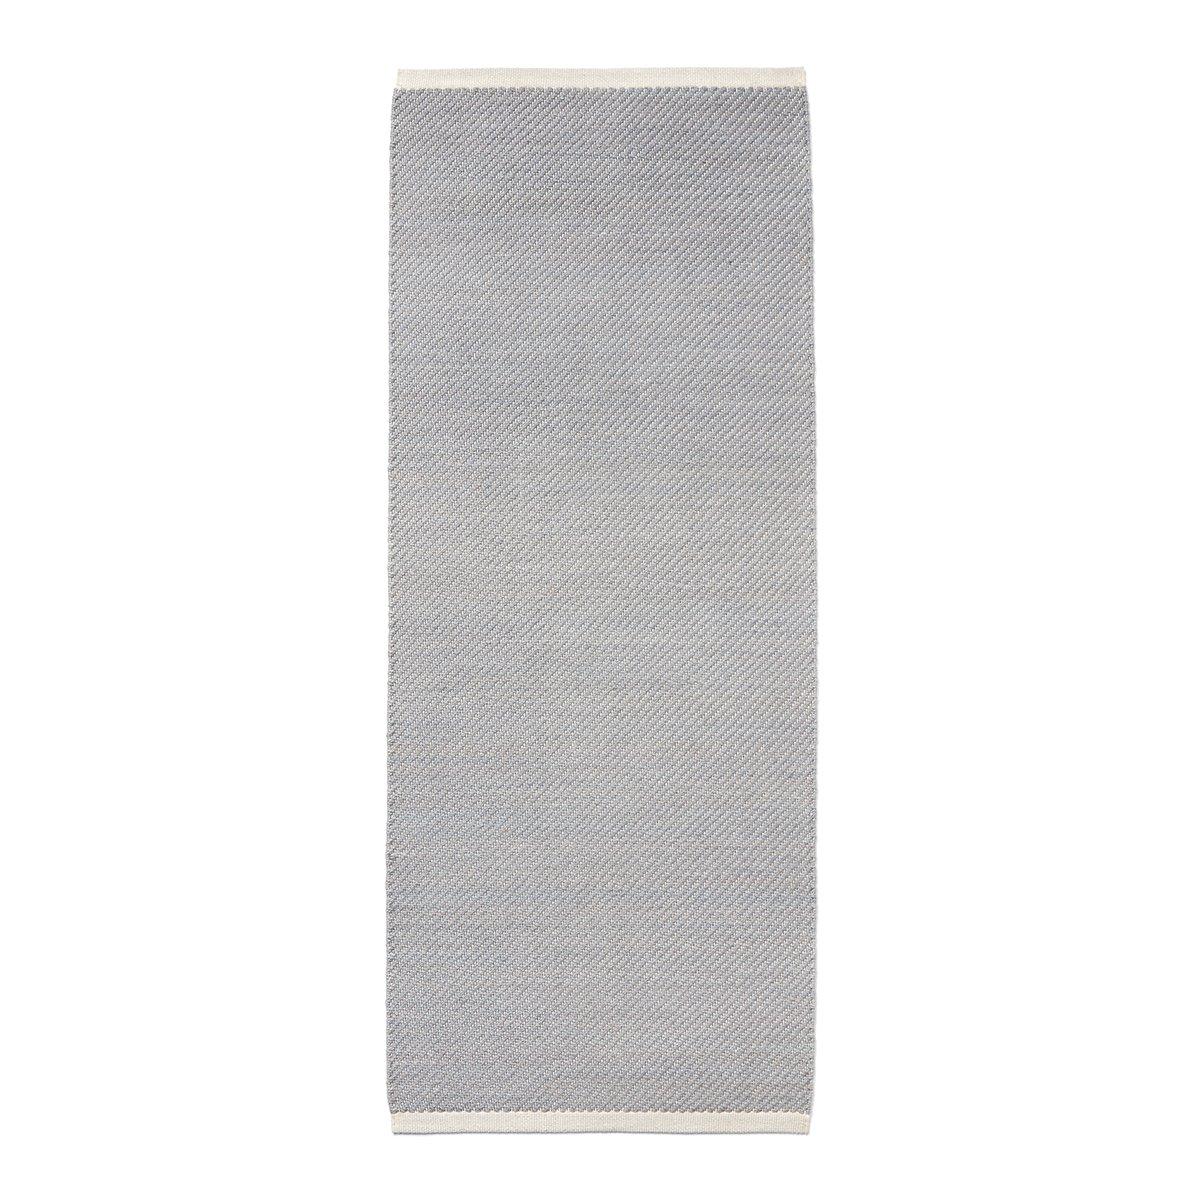 HAY Bias Vloerkleed - Cool Grey - 300 x 200 cm.